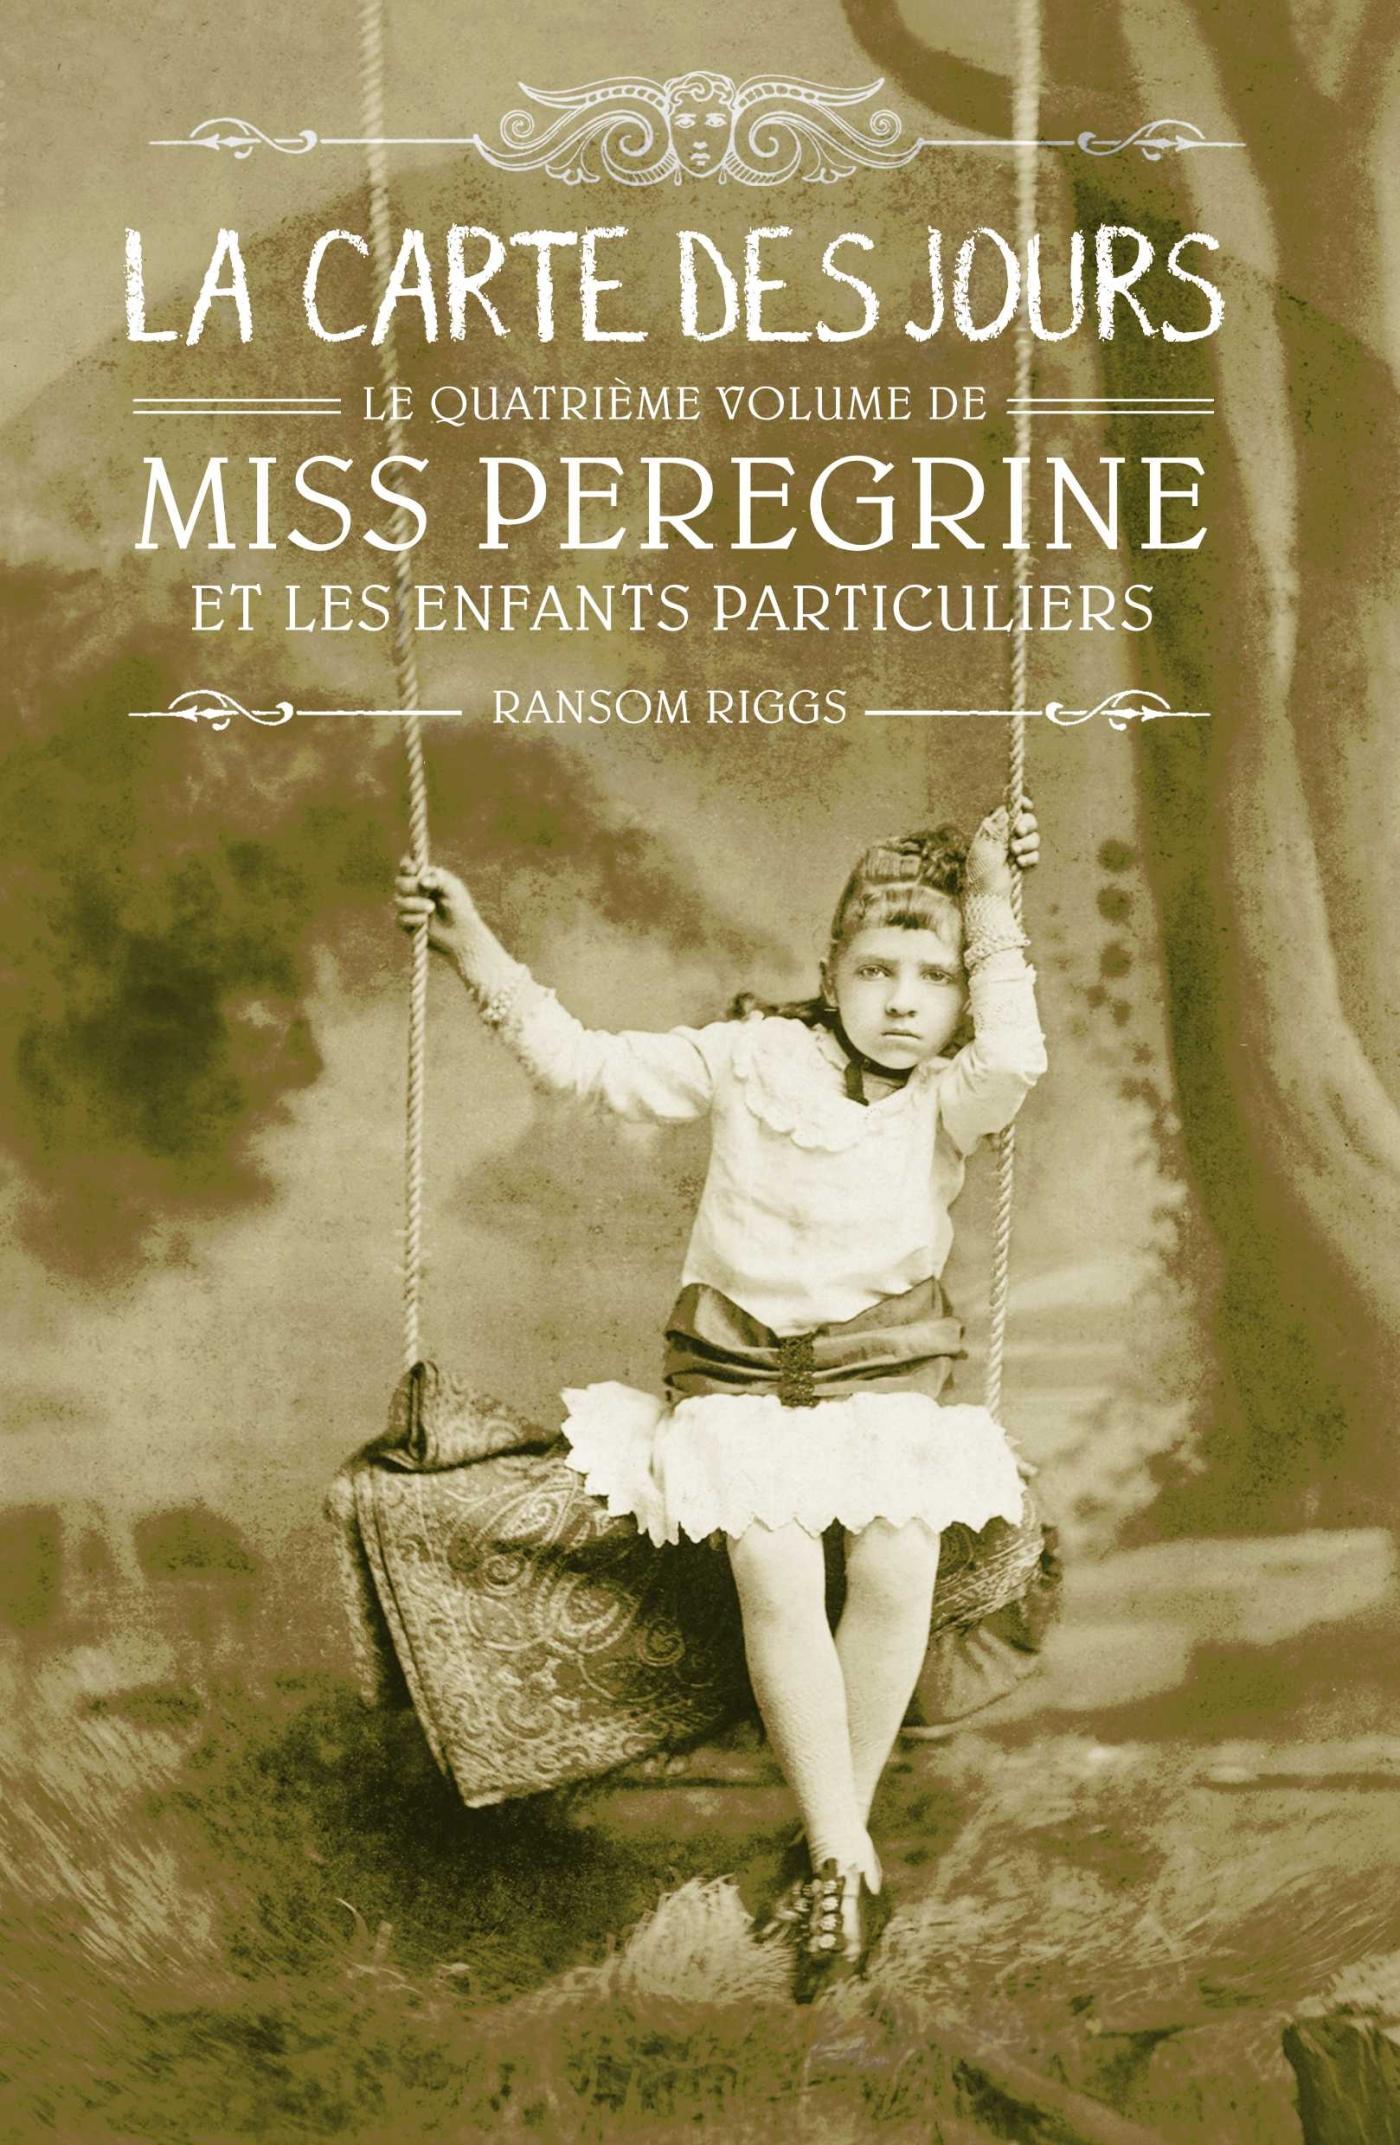 Image de l'article «Miss Peregrine: La carte des jours de Ransom Riggs»